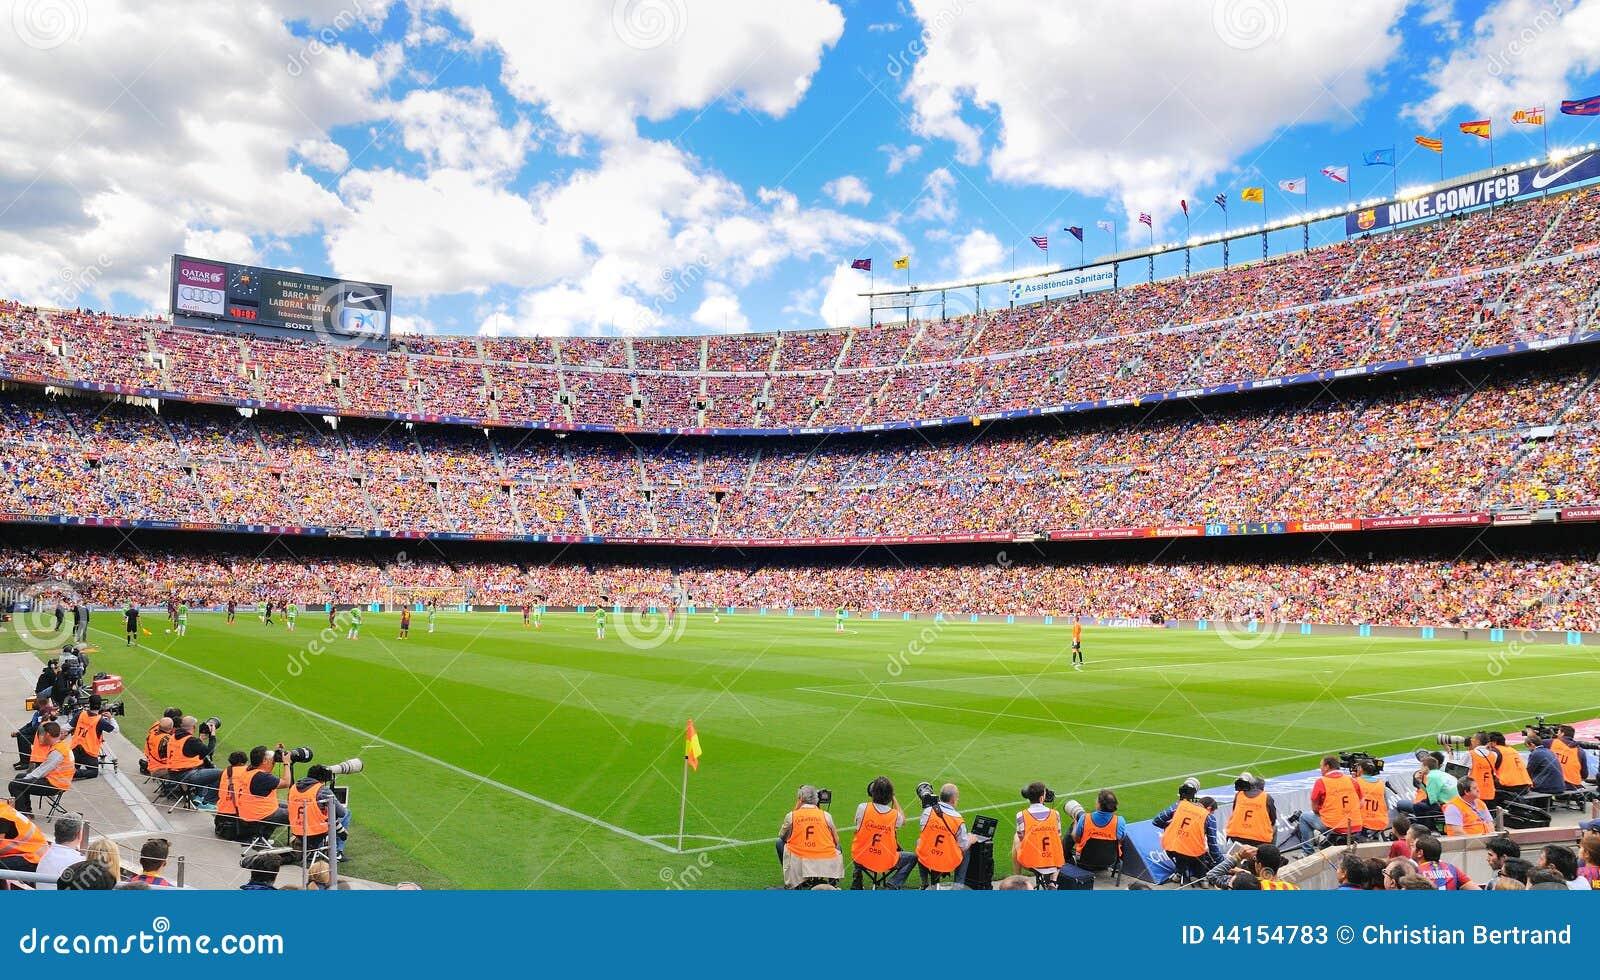 das größte fußballstadion